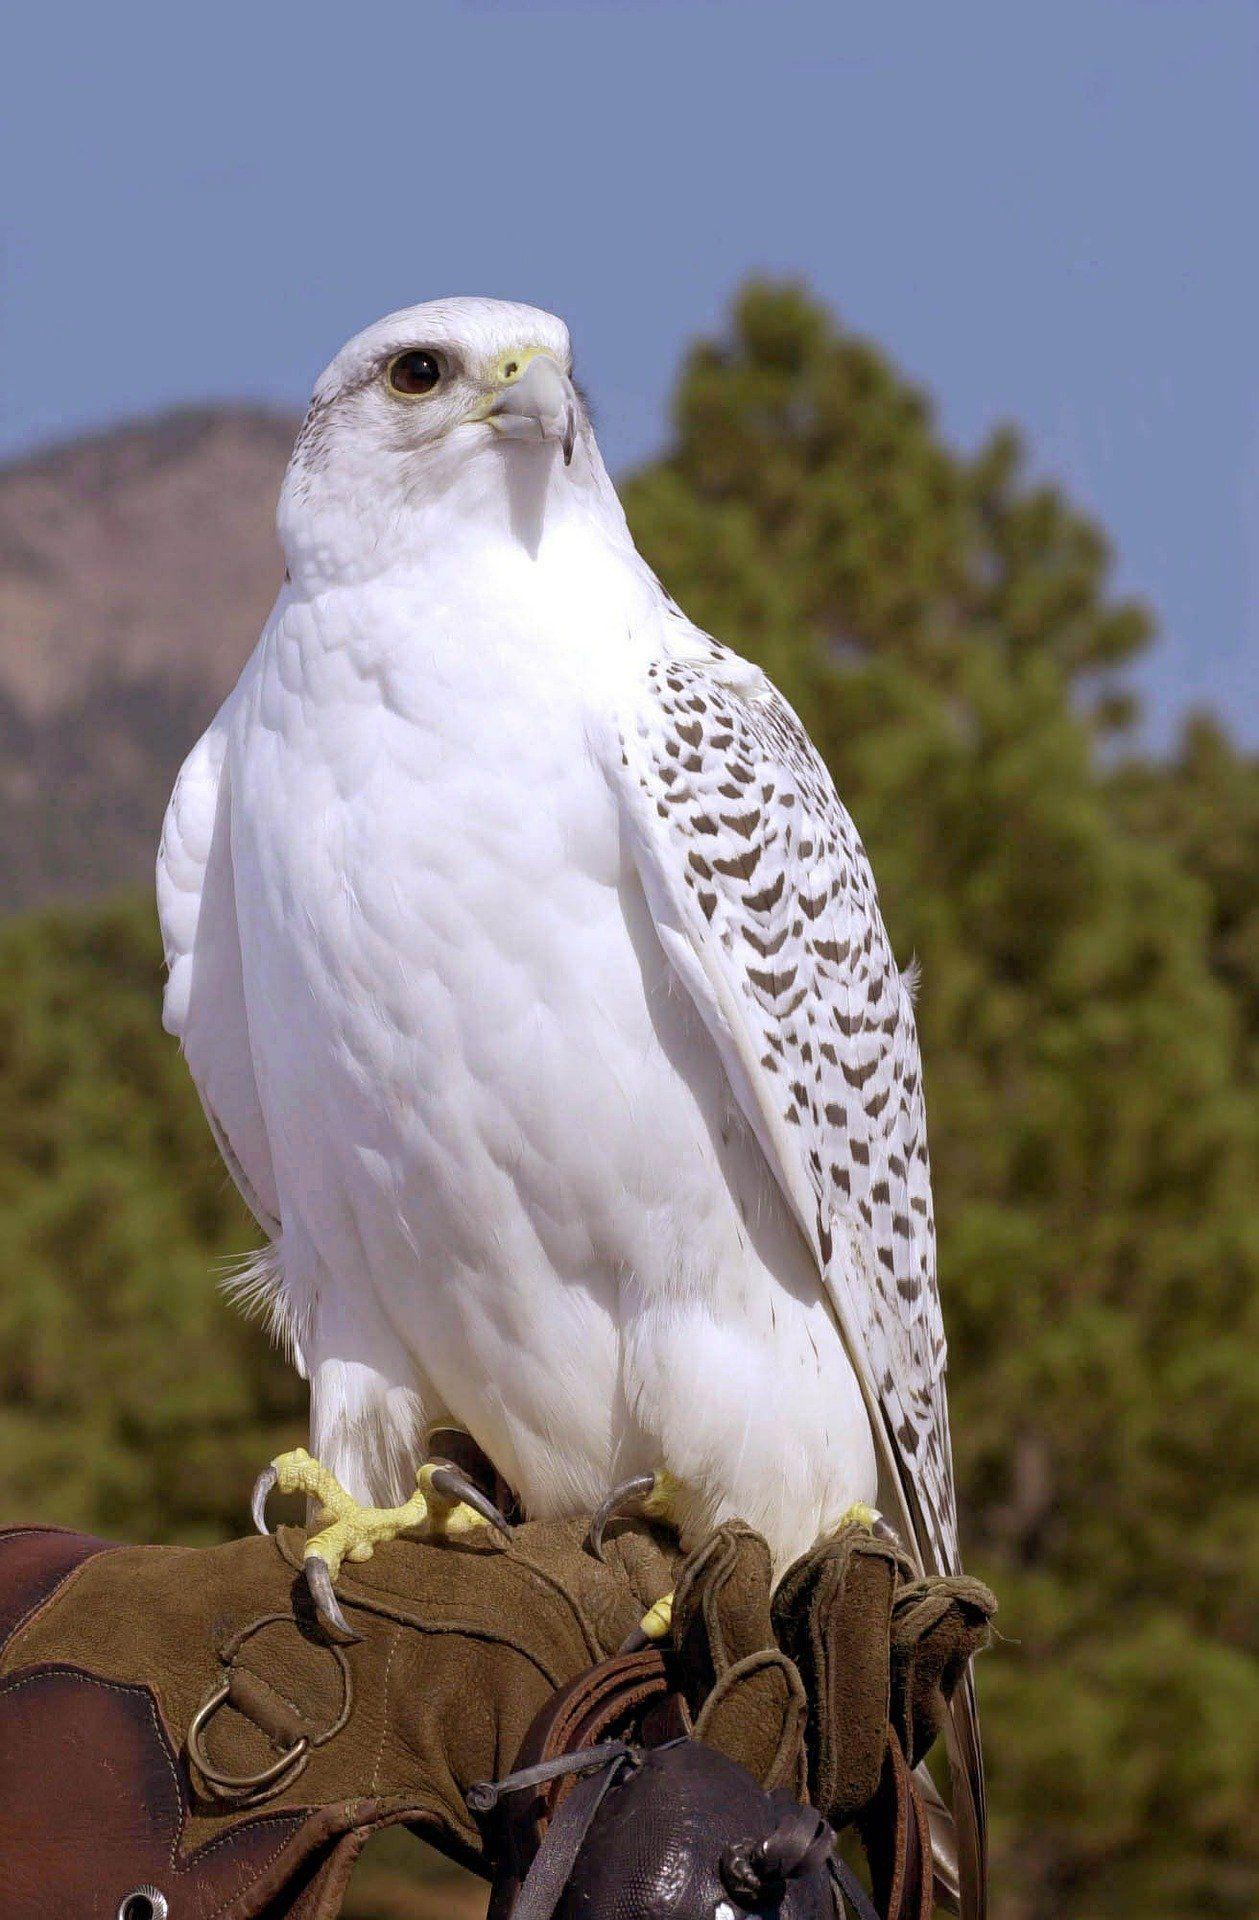 Смотреть лучшее фото птицы кречет на природе